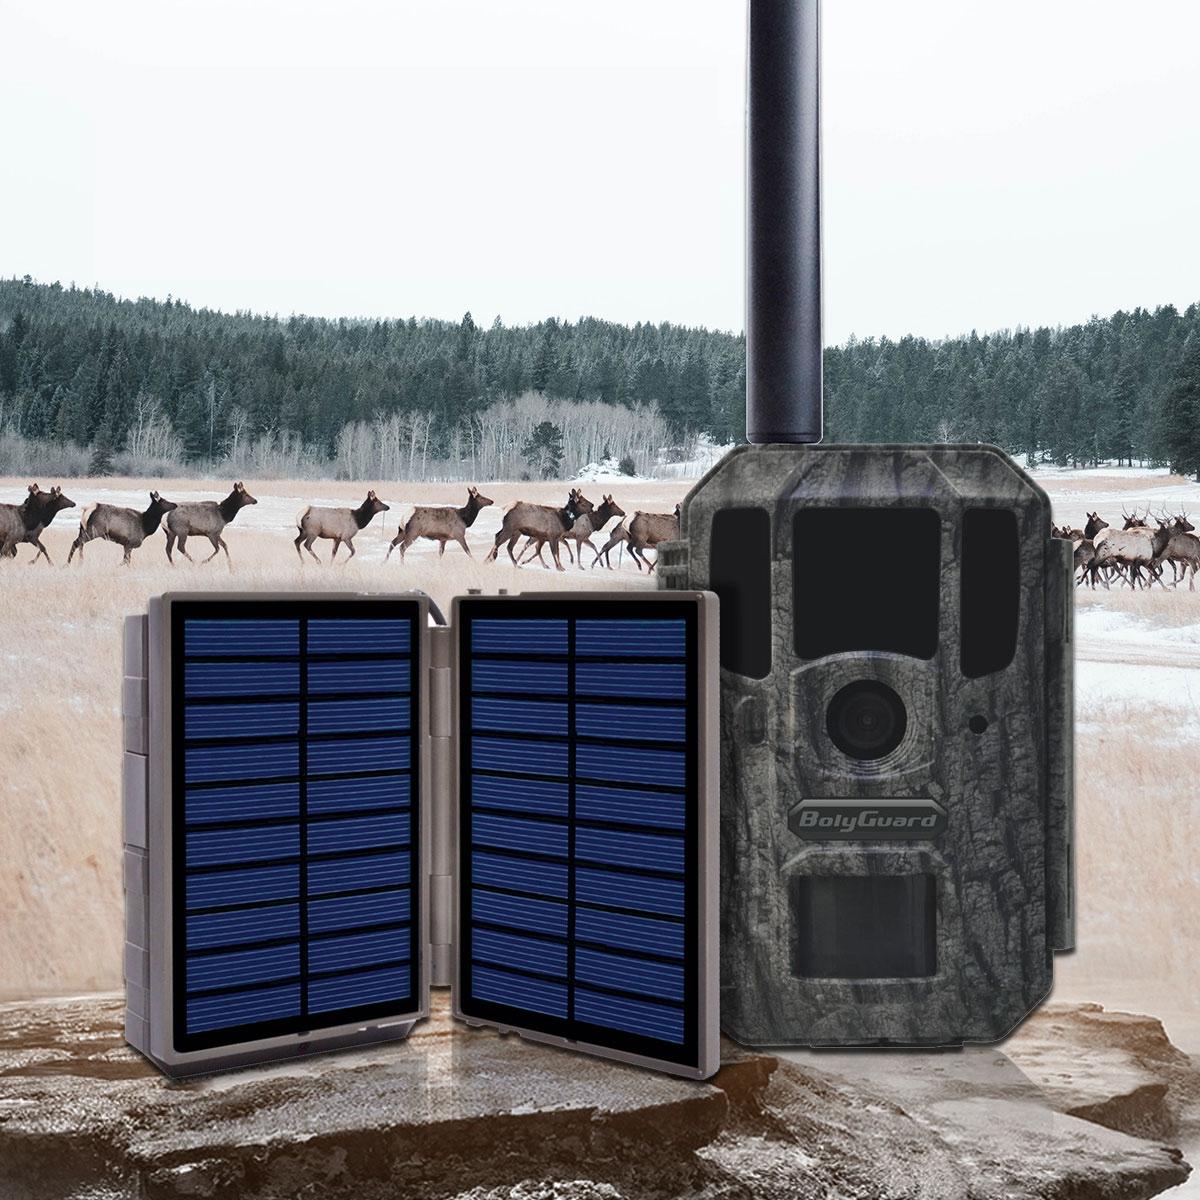 Alimentation Solar power bank BC-02 pour piège photographique